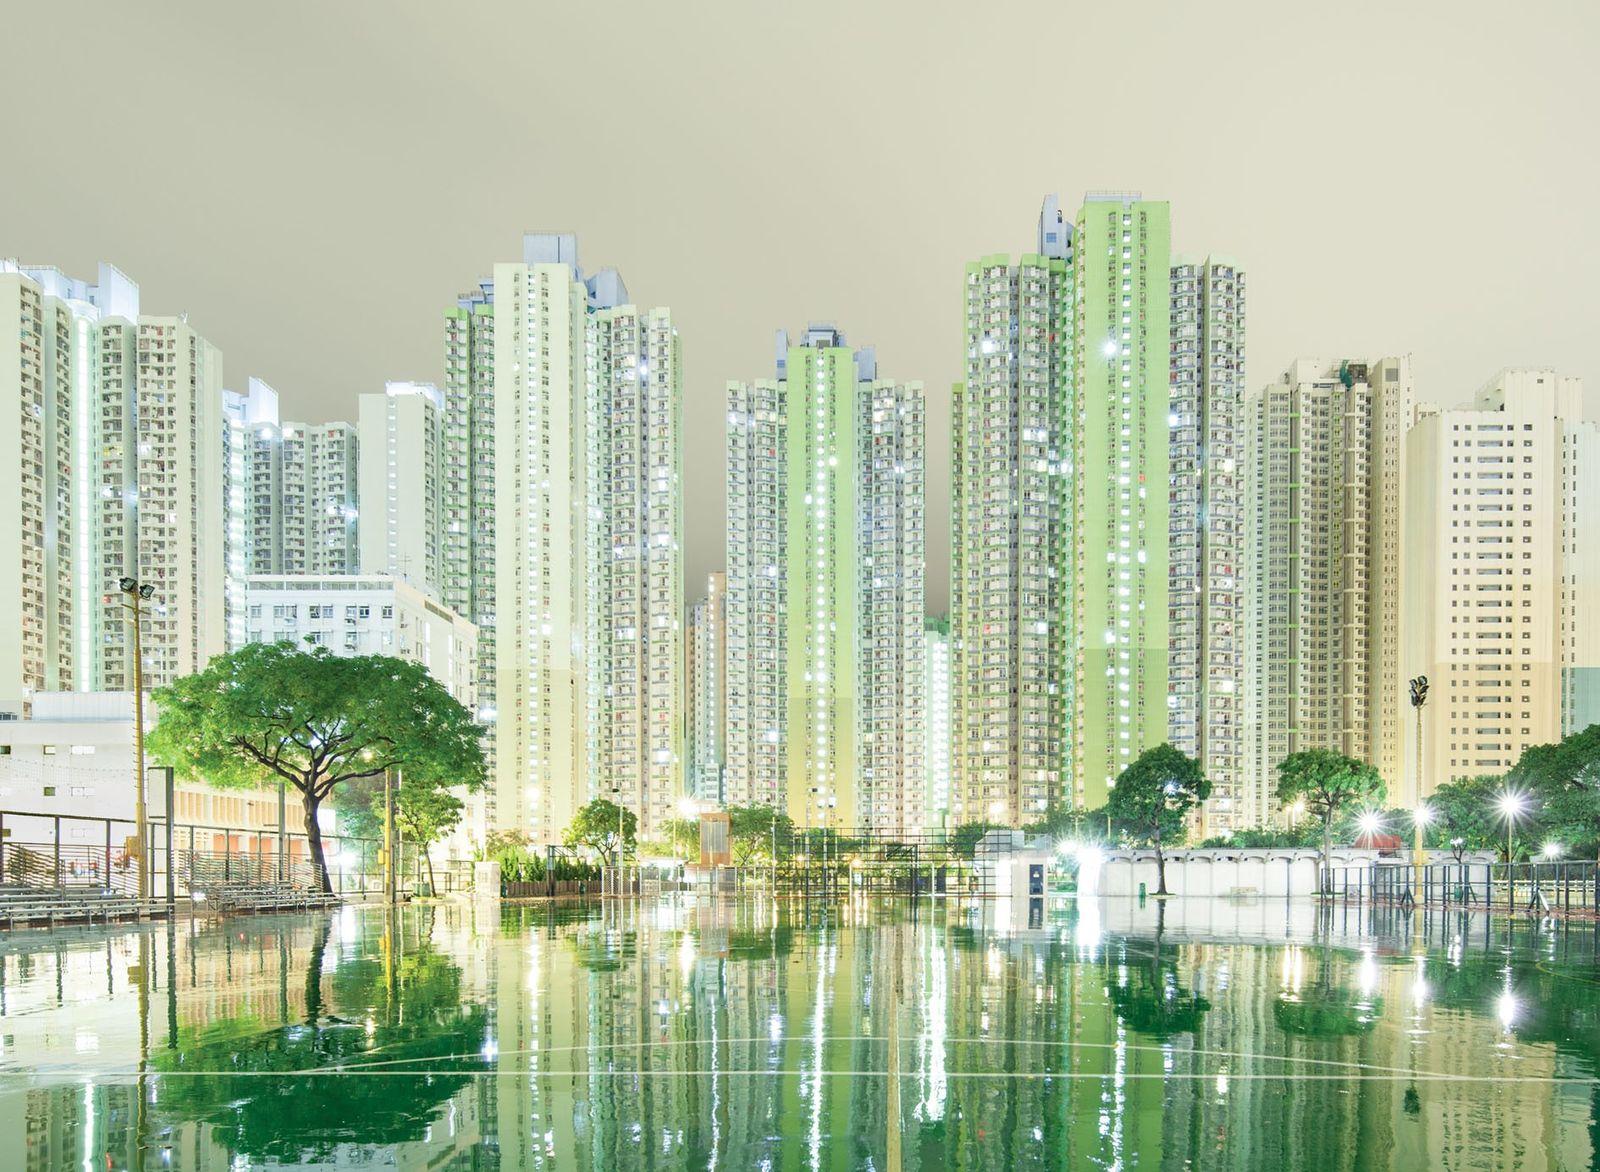 visoes-hong-kong-skyline